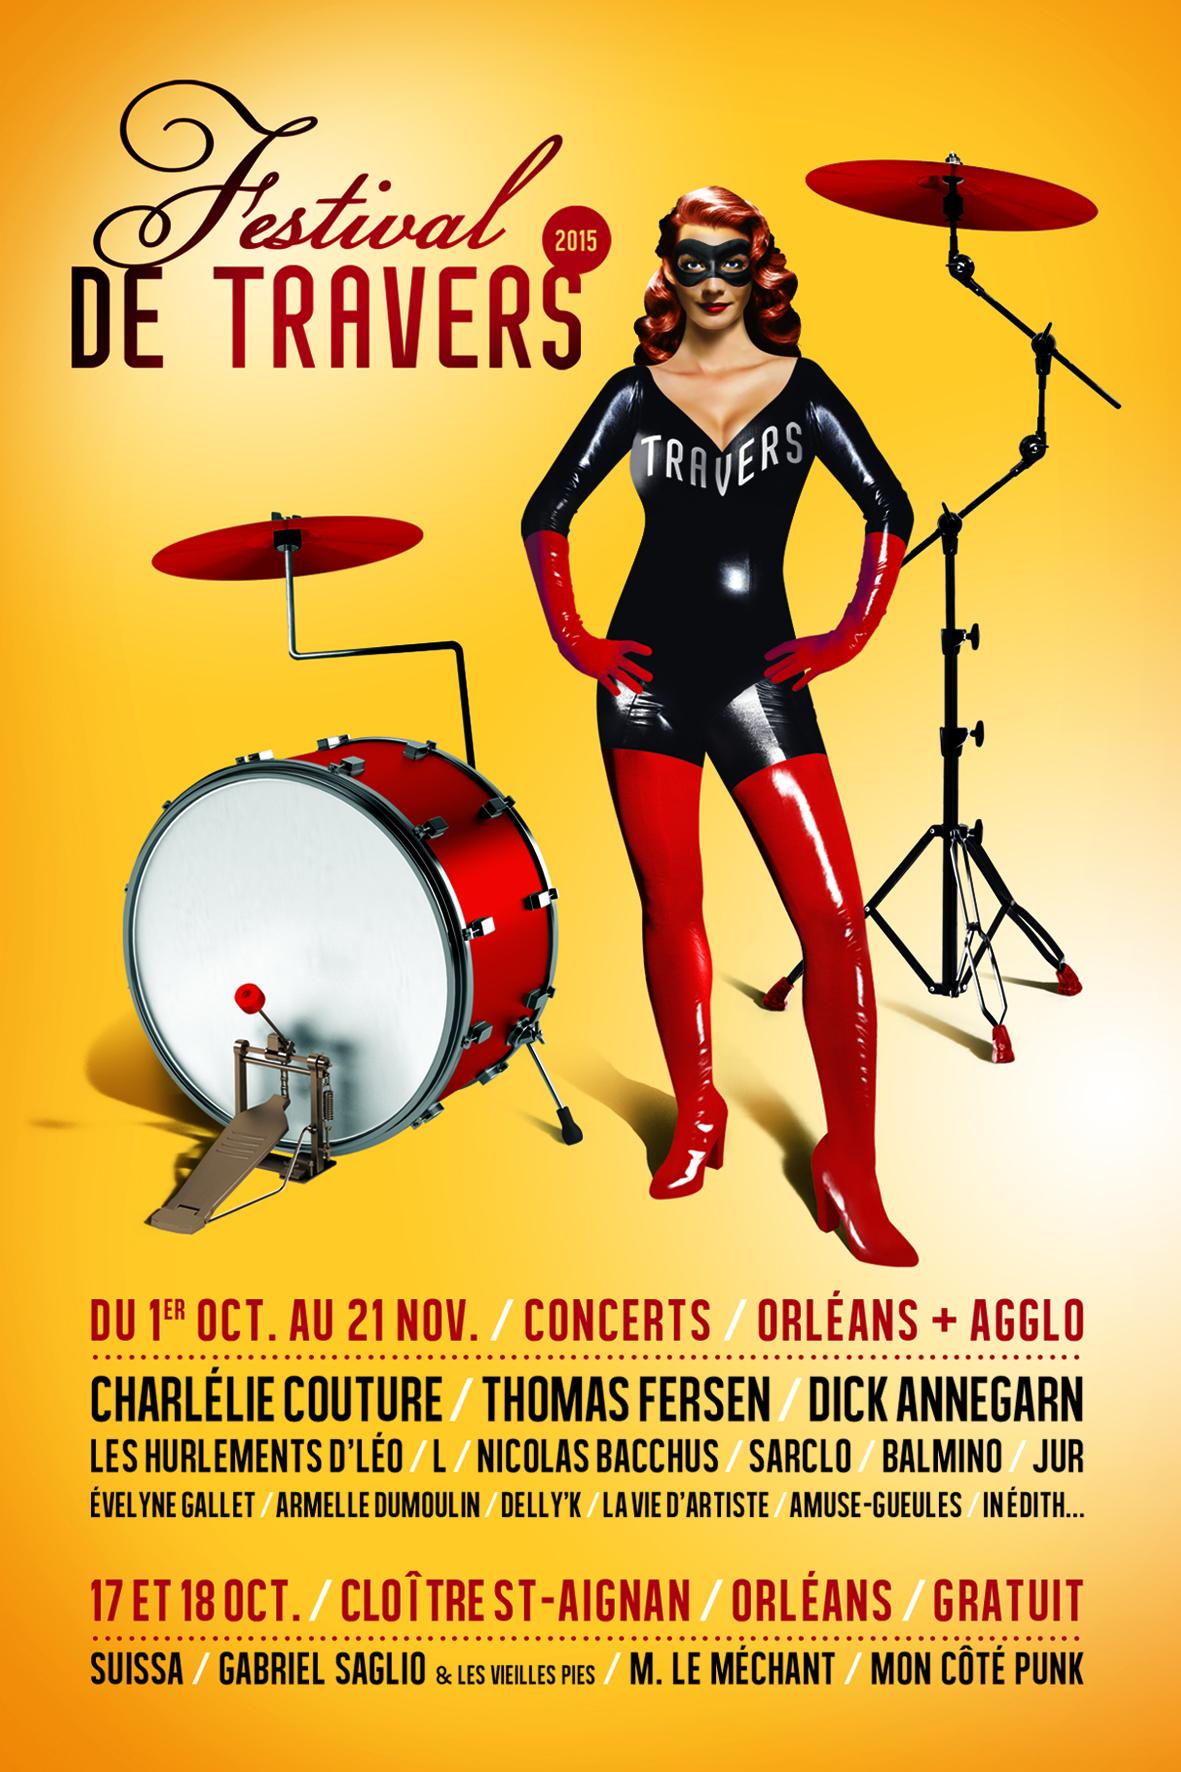 Affiche Festival de Travers 2015